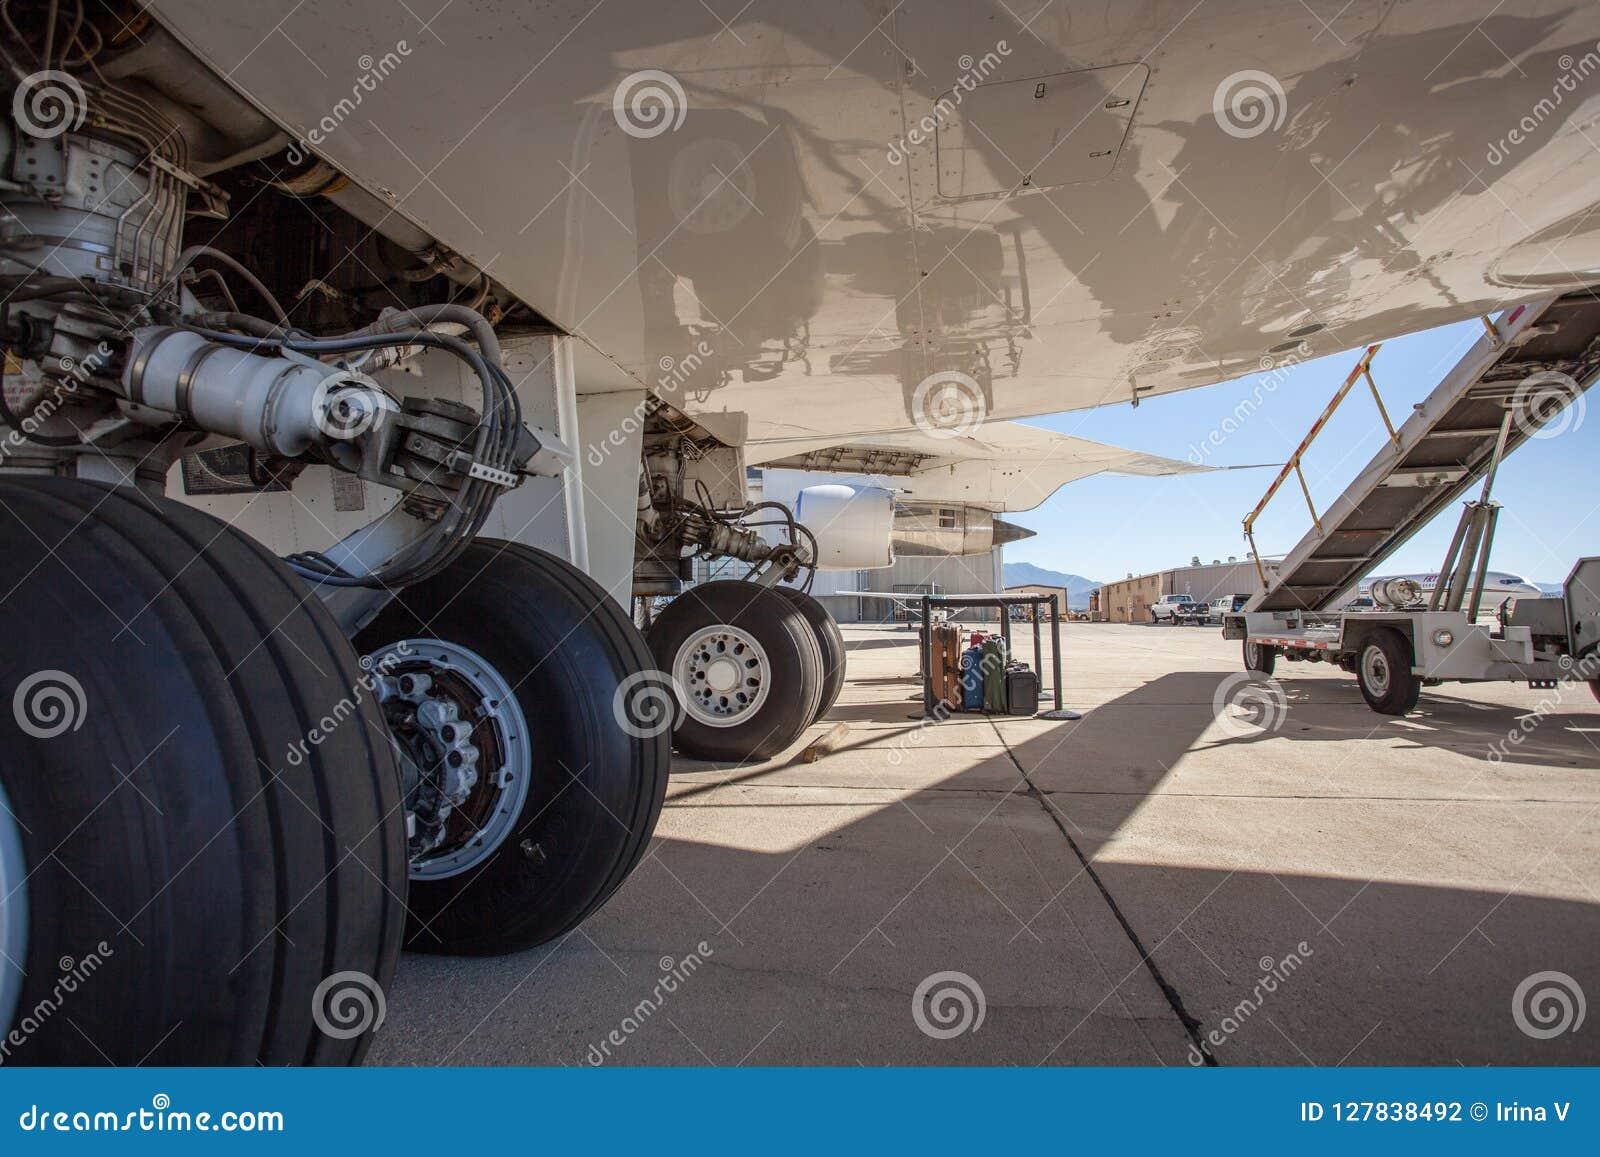 Ein großes Zivilflugzeug, das auf einem Asphalt am Flughafen steht